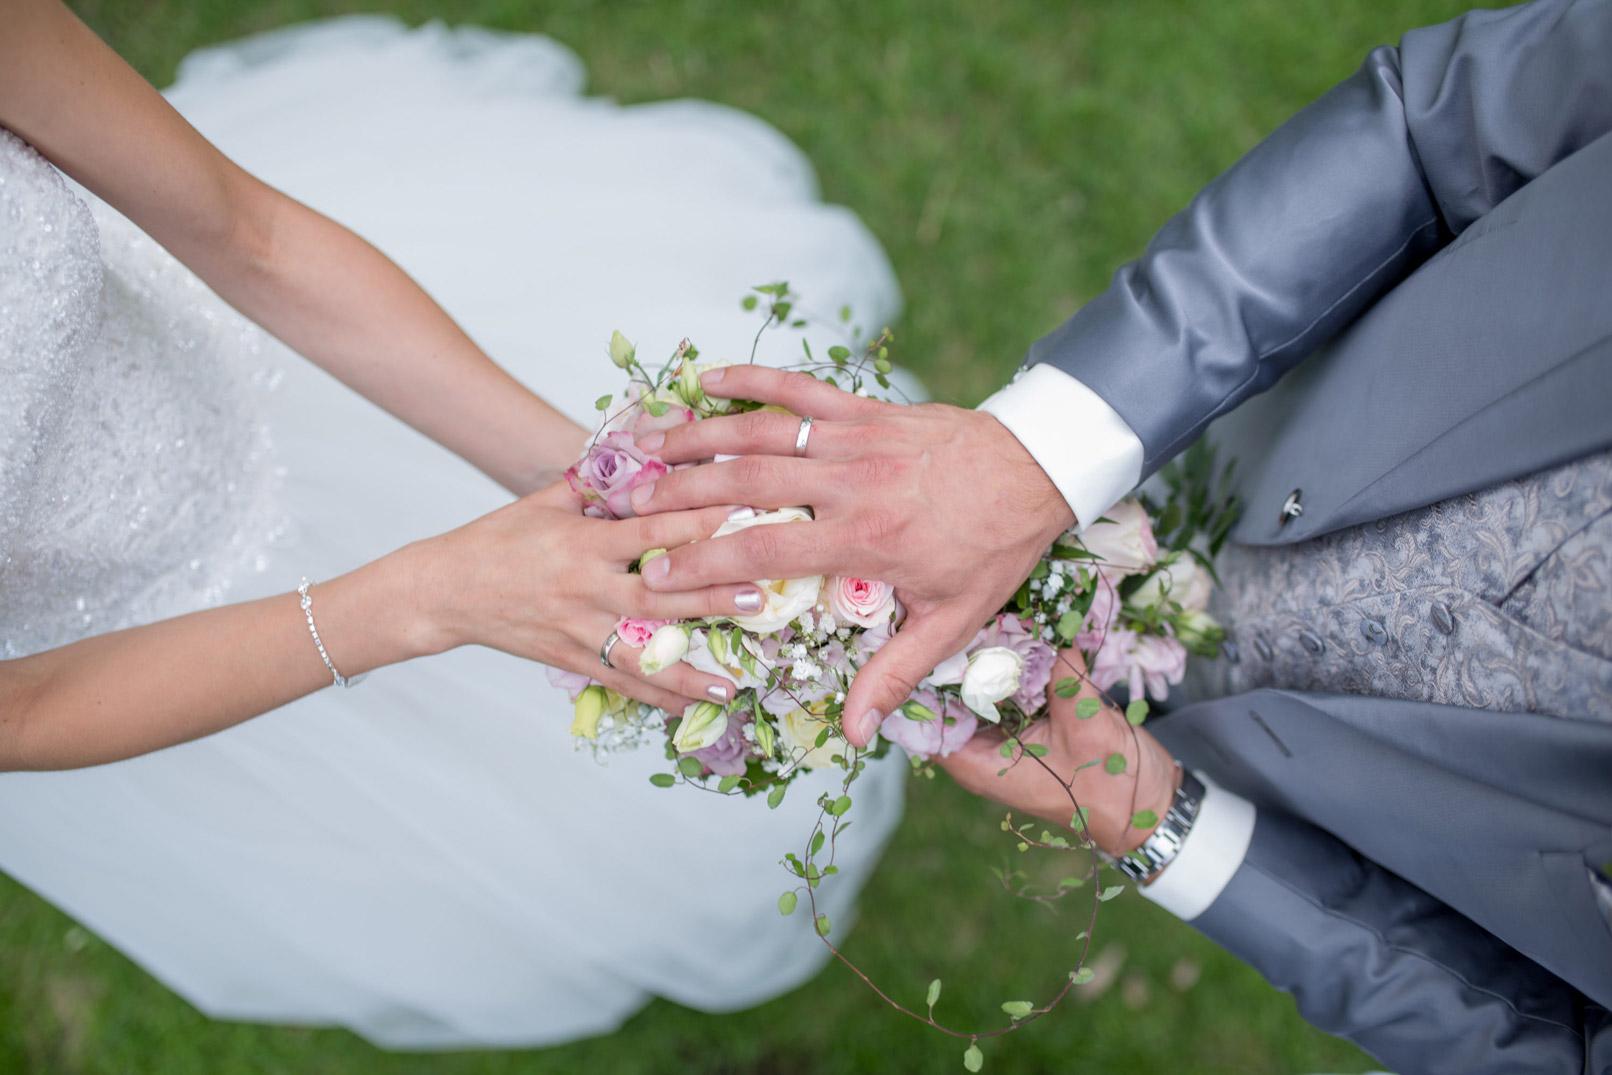 Hochzeitsfotografie: Blick auf einen Blumenstrauß, der vom Brautpaar gehalten wird